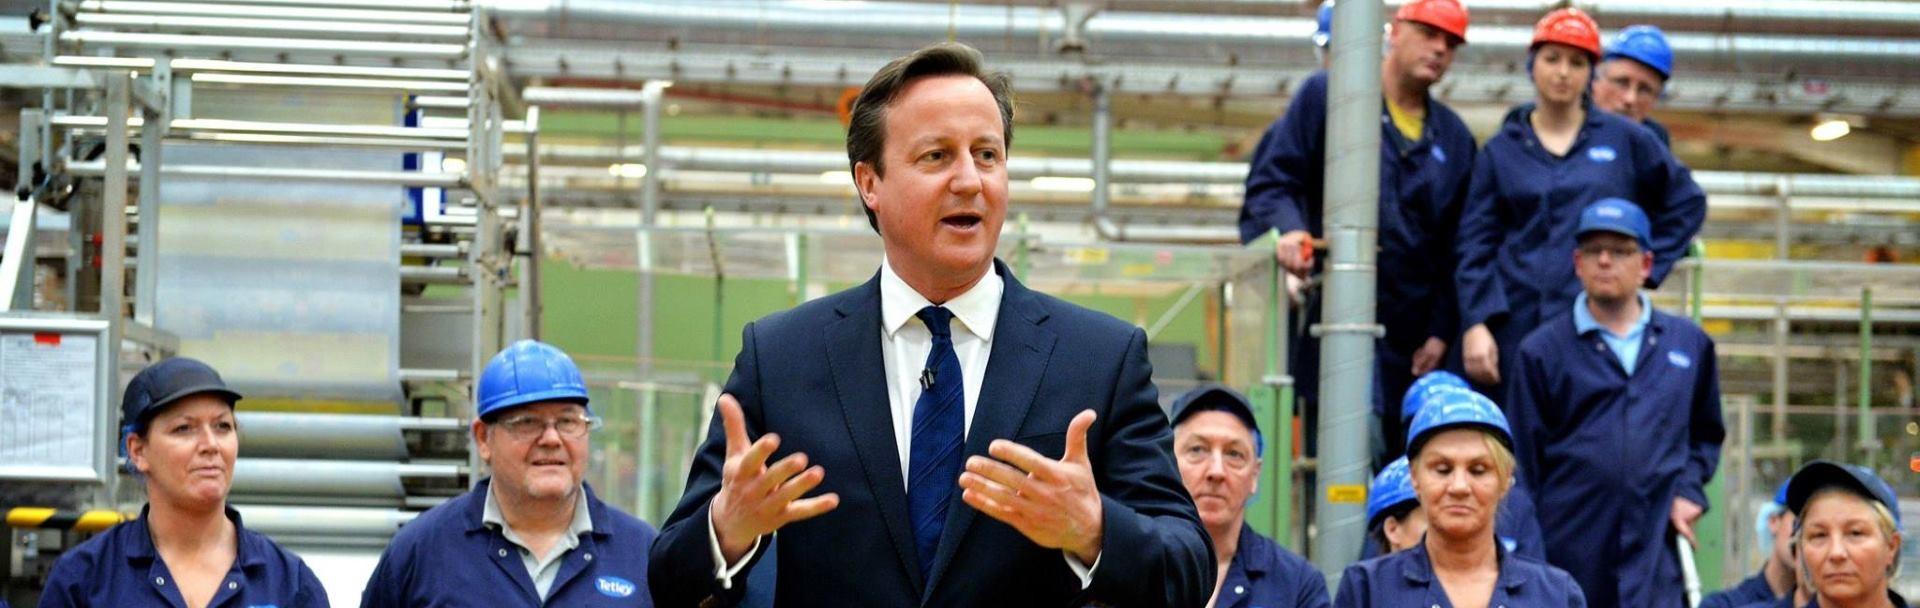 SLUŽBENI POSJET David Cameron danas posjećuje Škotsku